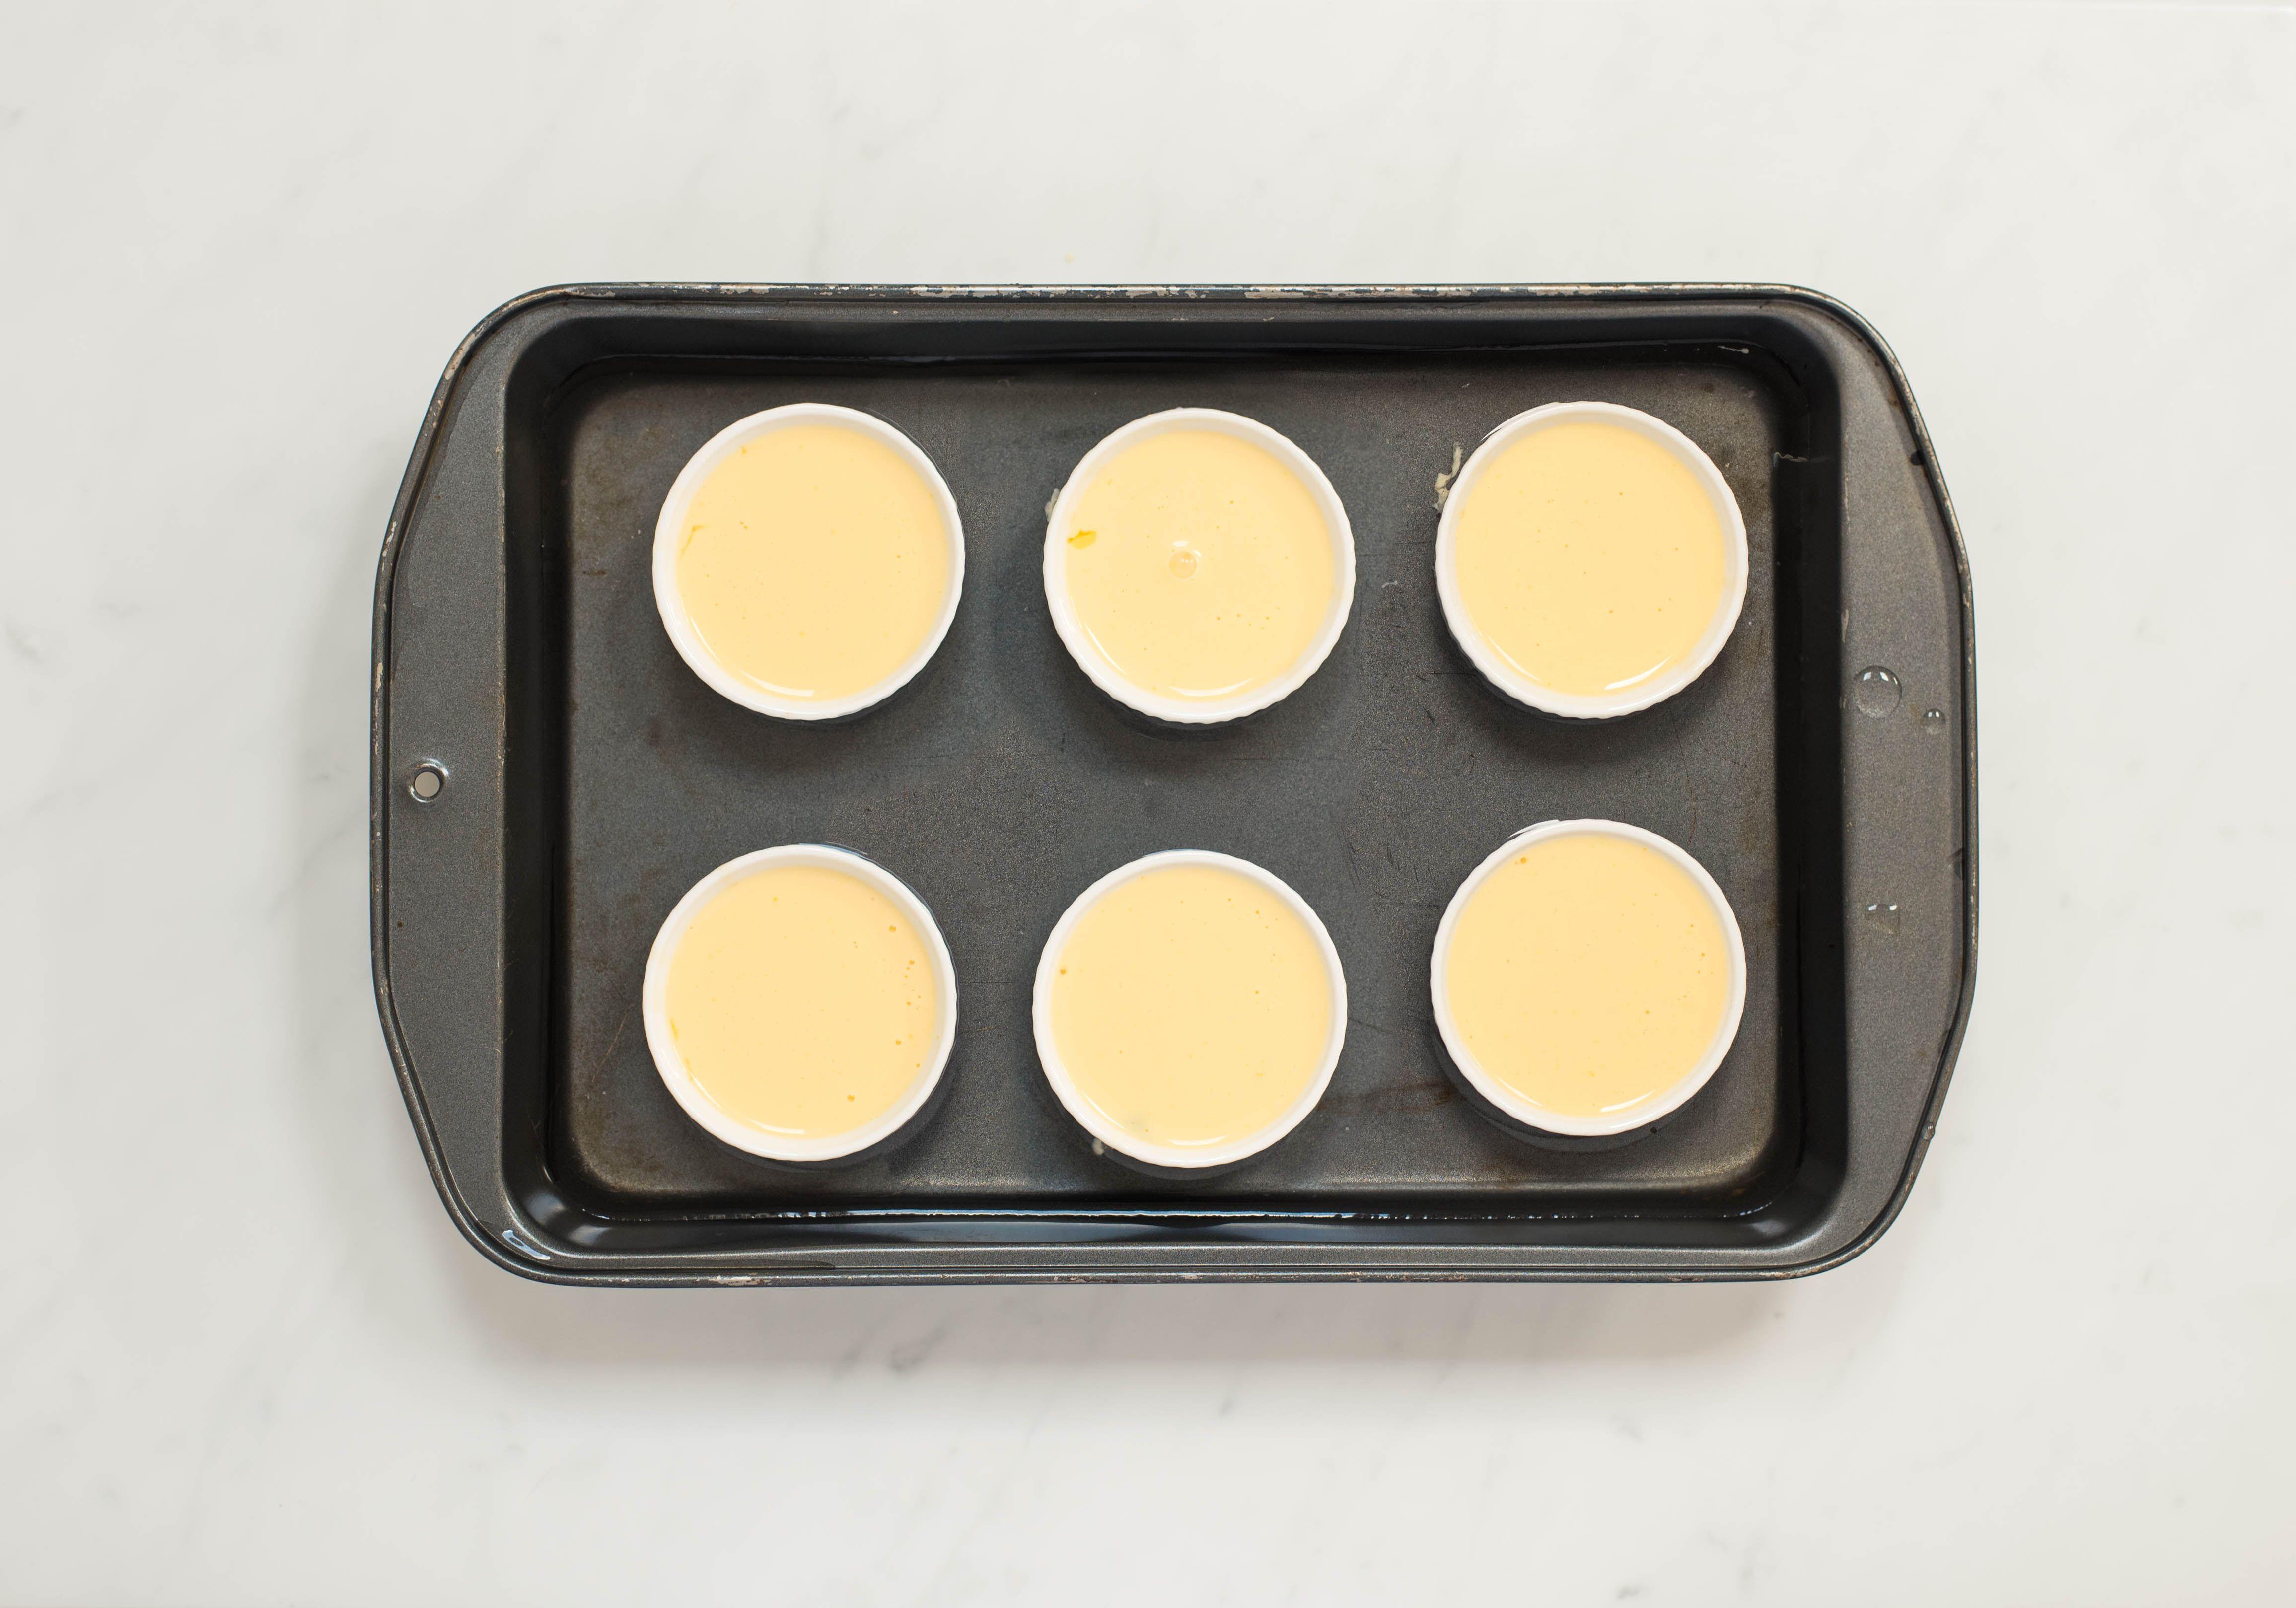 Put in baking dish